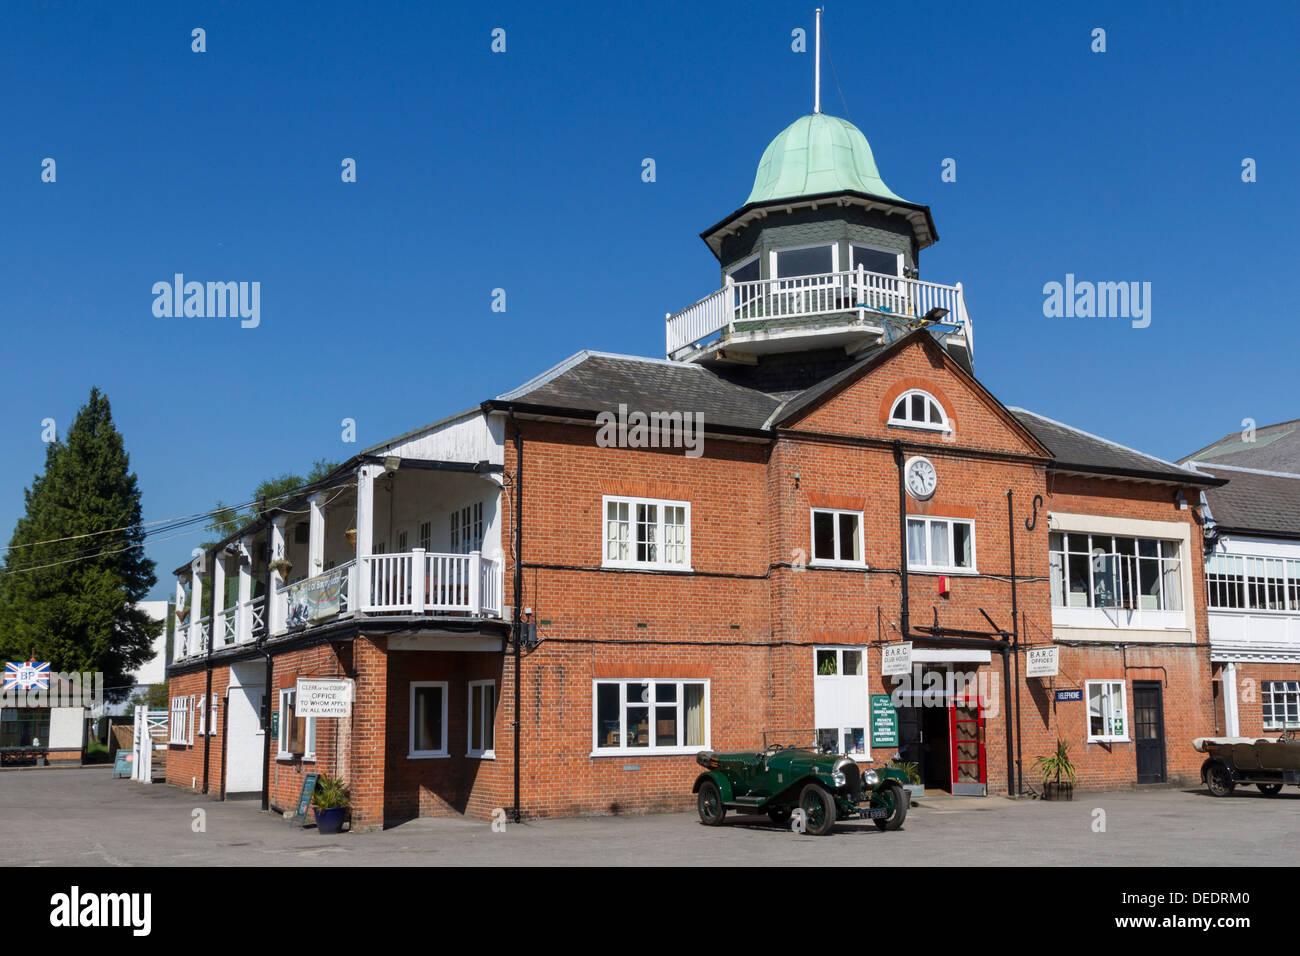 Brooklands Racetrack clubhouse, Weybridge, Surrey, England, United Kingdom, Europe - Stock Image